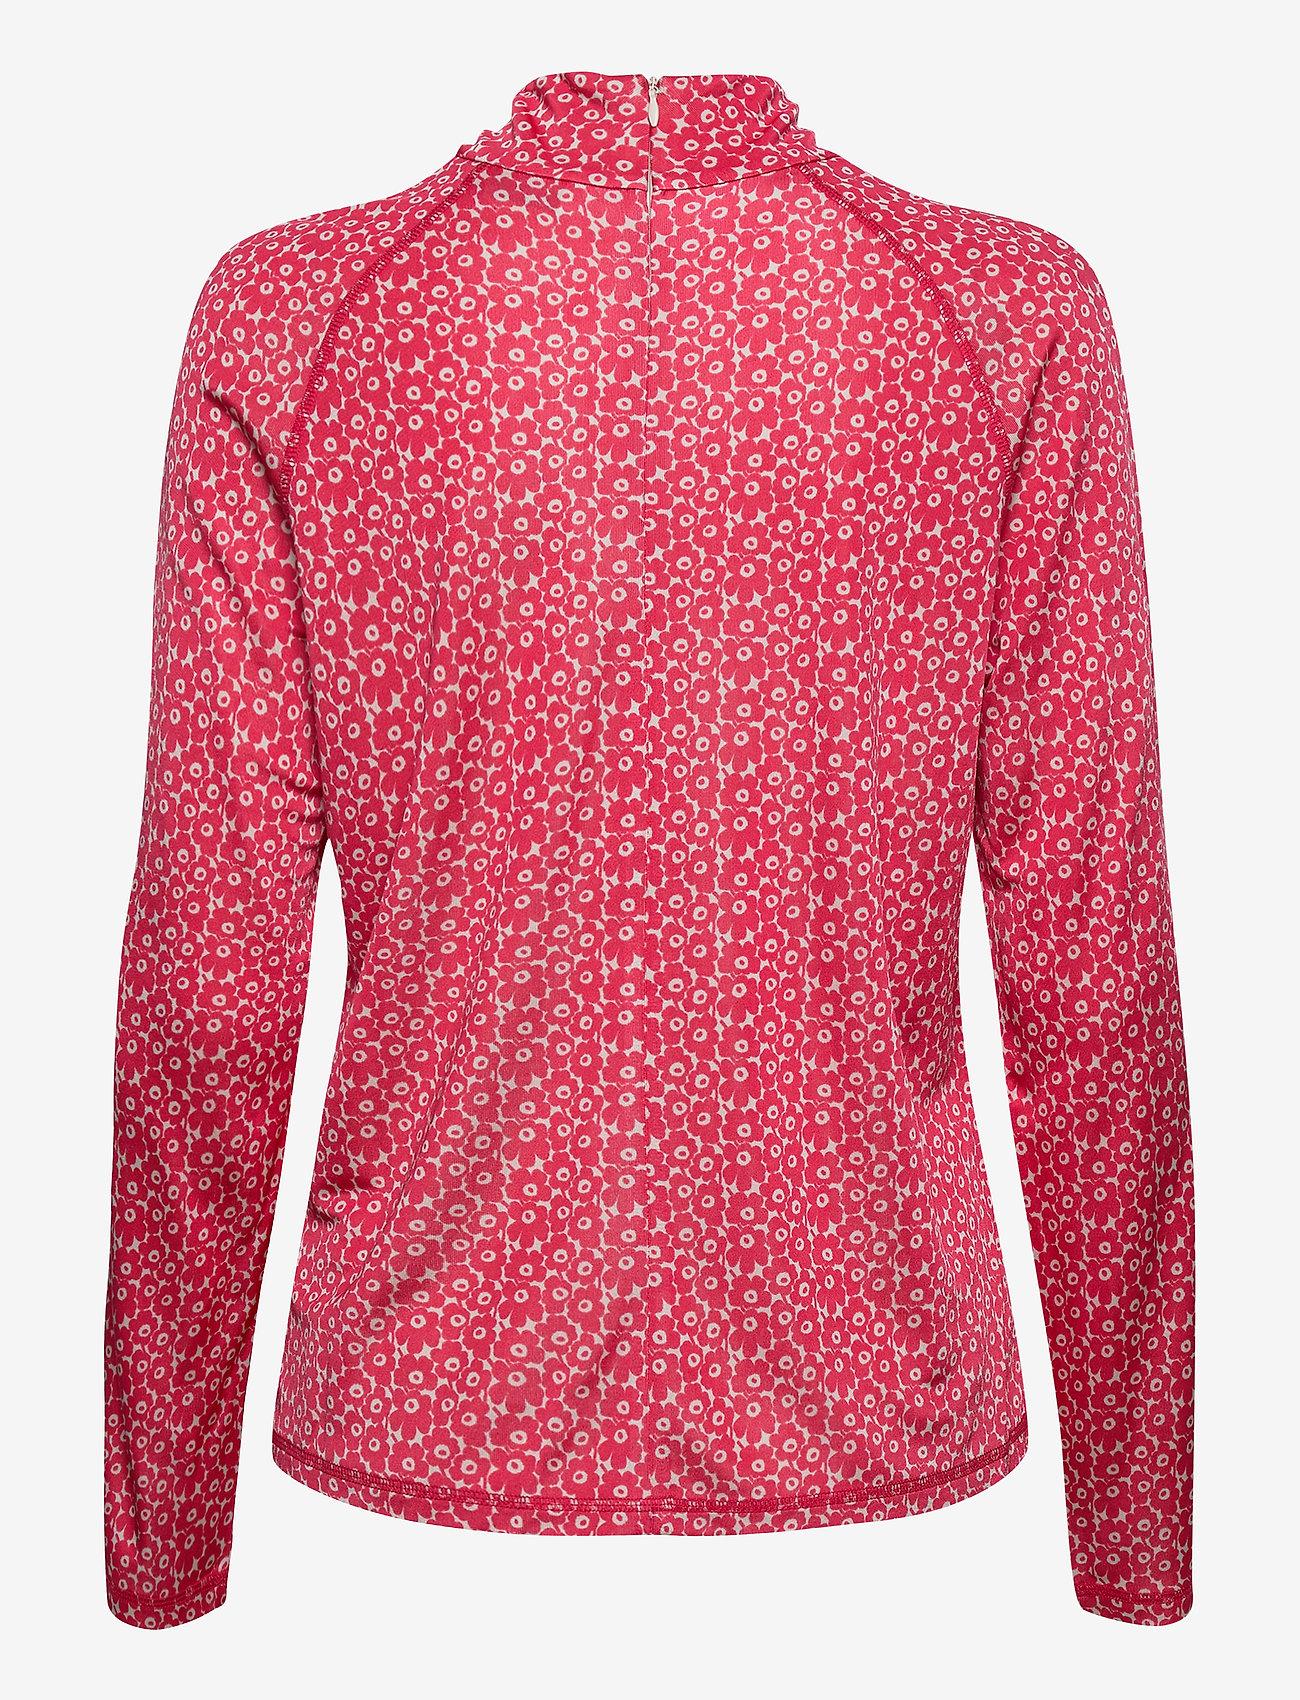 Tutka Unikko Shirt (Beige Pink) (131.25 €) - Marimekko aXD9E